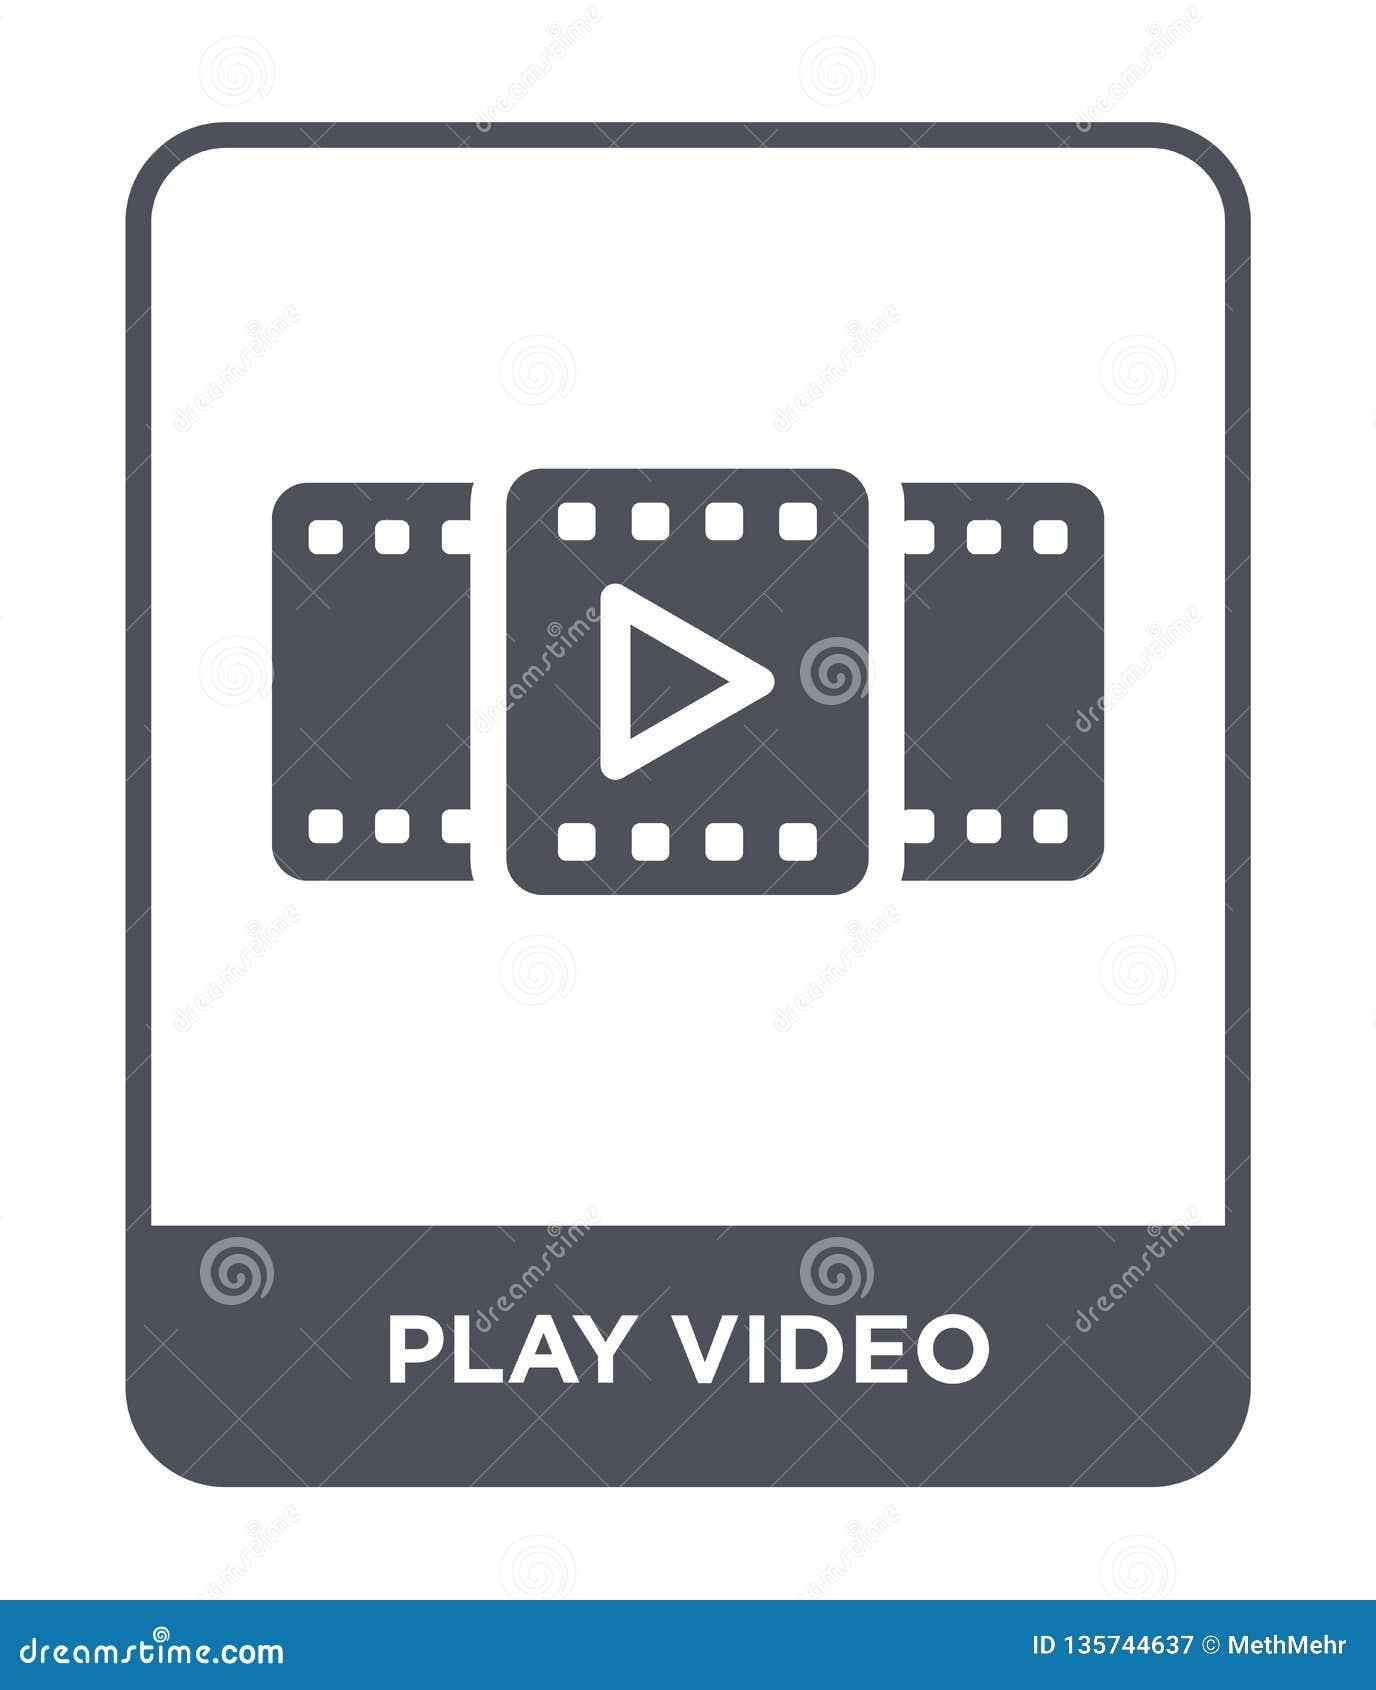 τηλεοπτικό εικονίδιο παιχνιδιού στο καθιερώνον τη μόδα ύφος σχεδίου τηλεοπτικό εικονίδιο παιχνιδιού που απομονώνεται στο άσπρο υπ